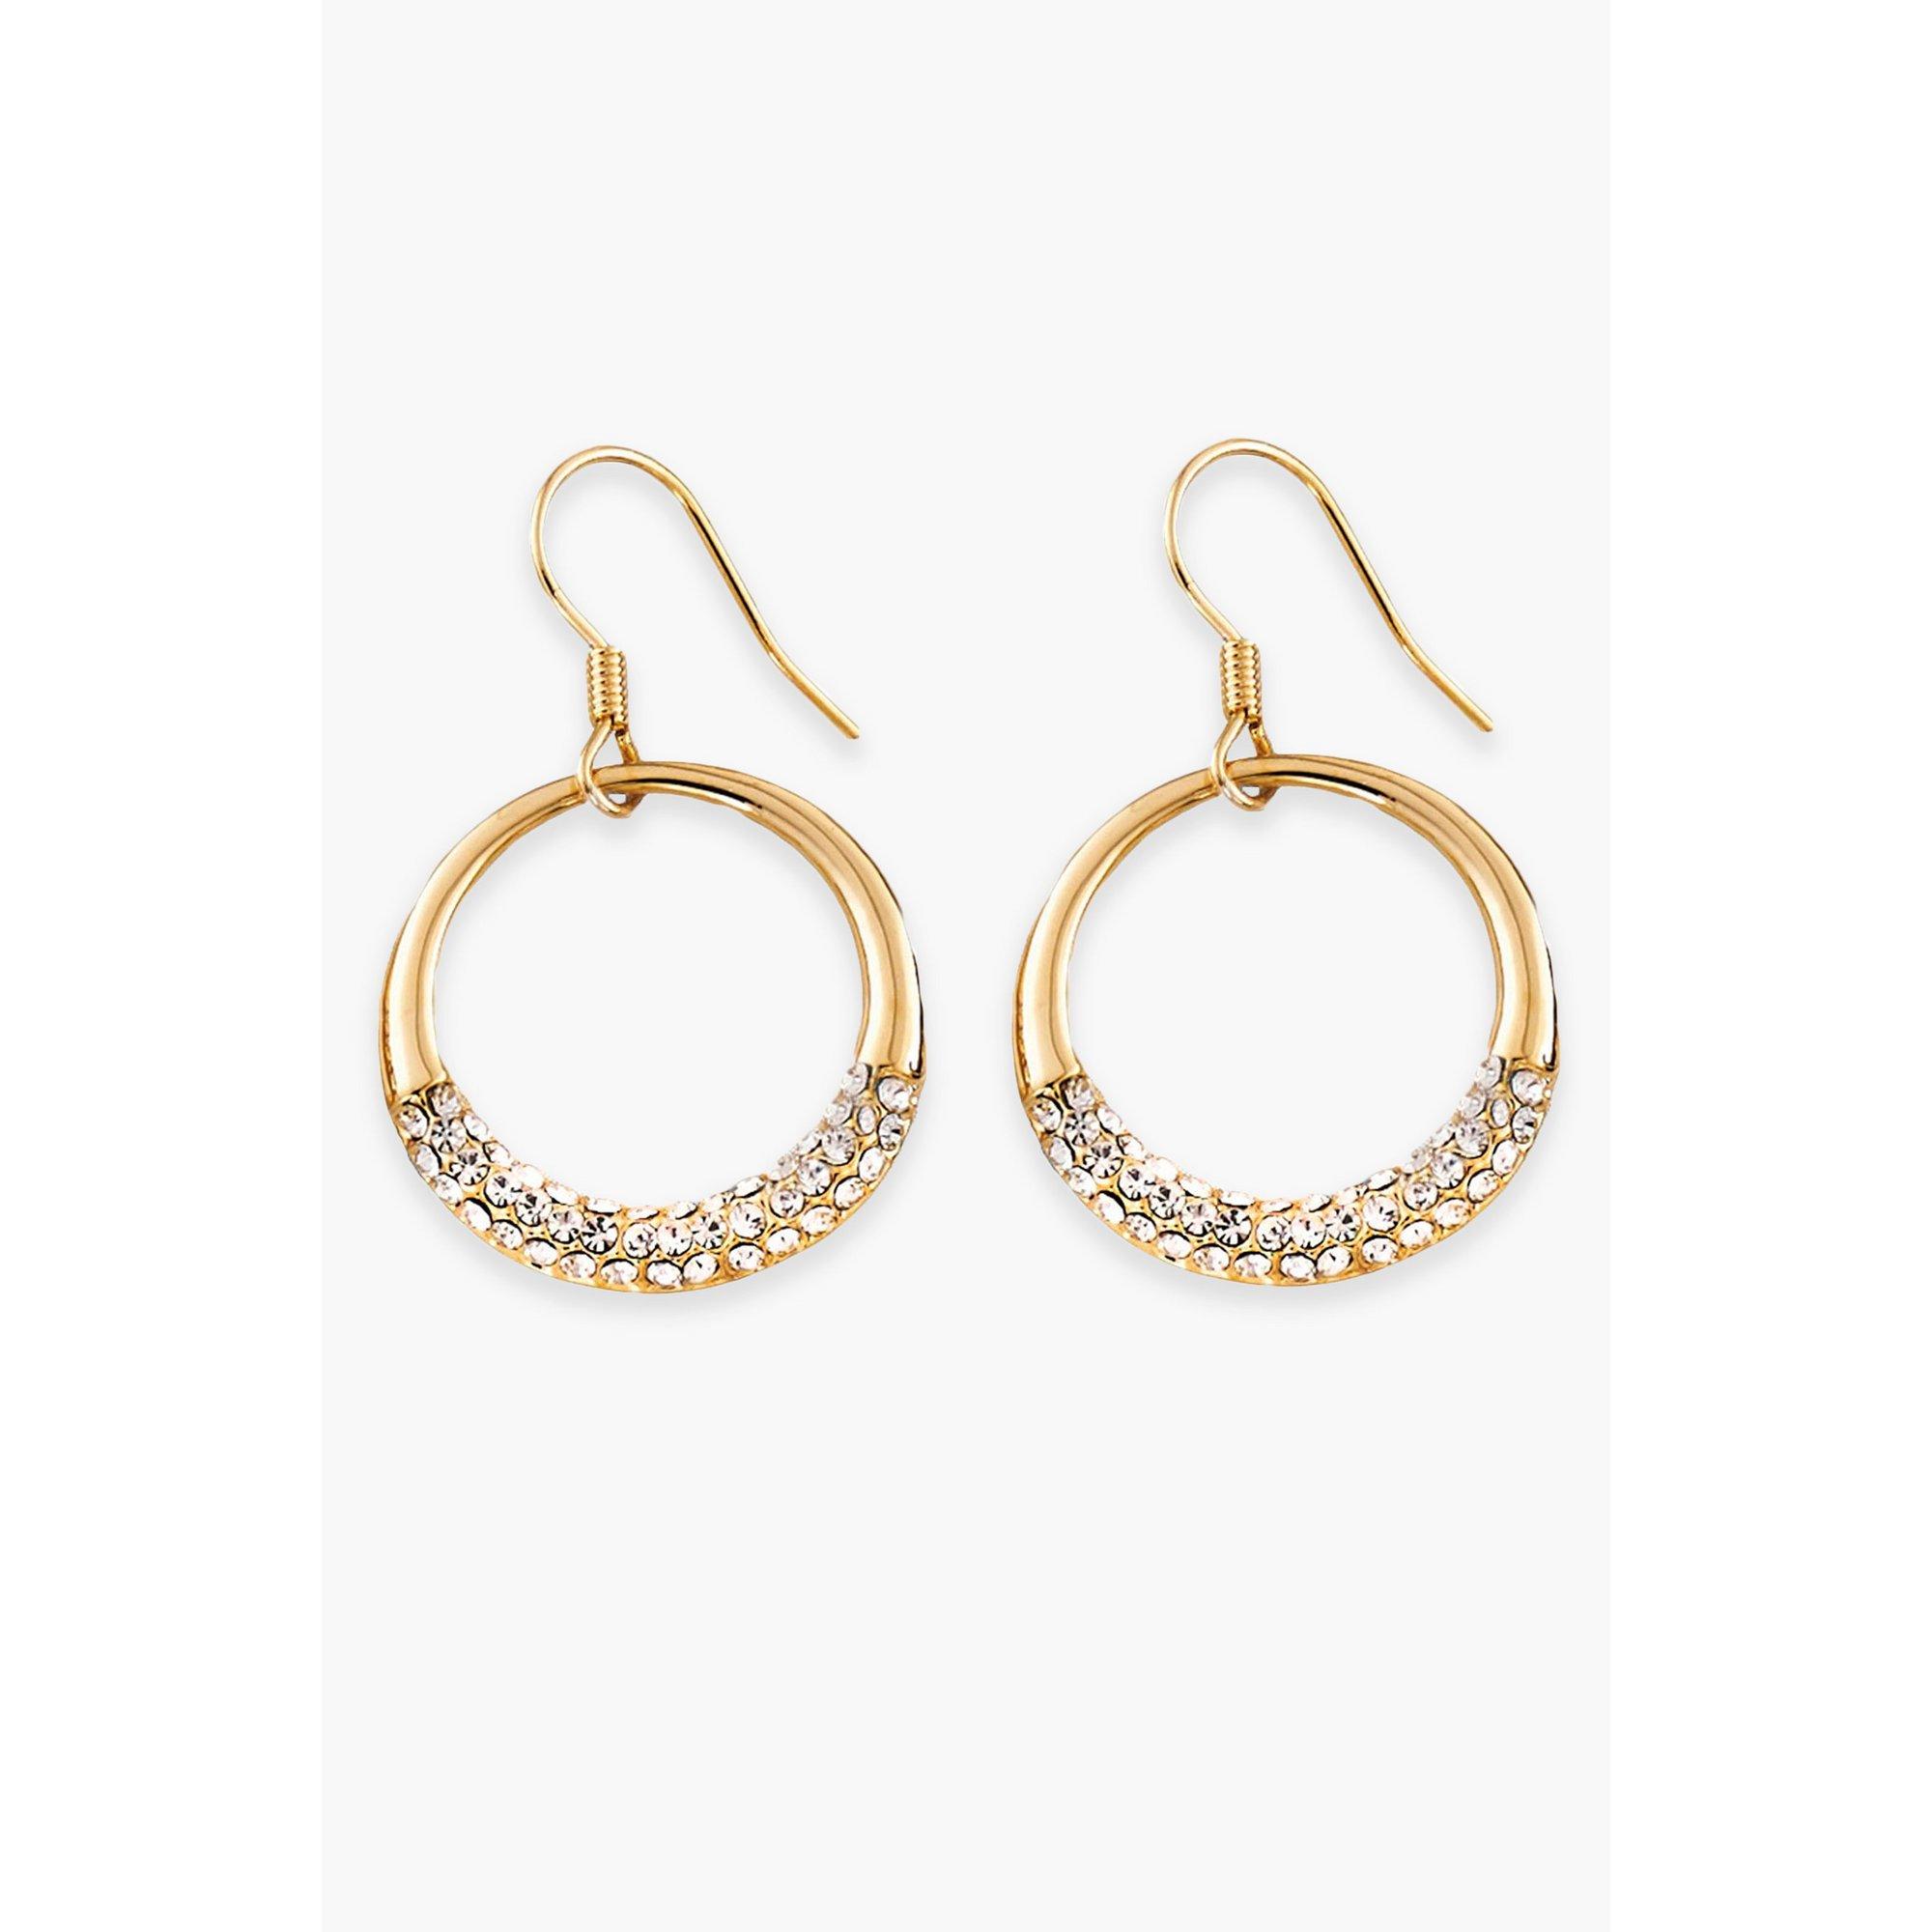 Image of 18ct Gold Plated Hoop Earrings